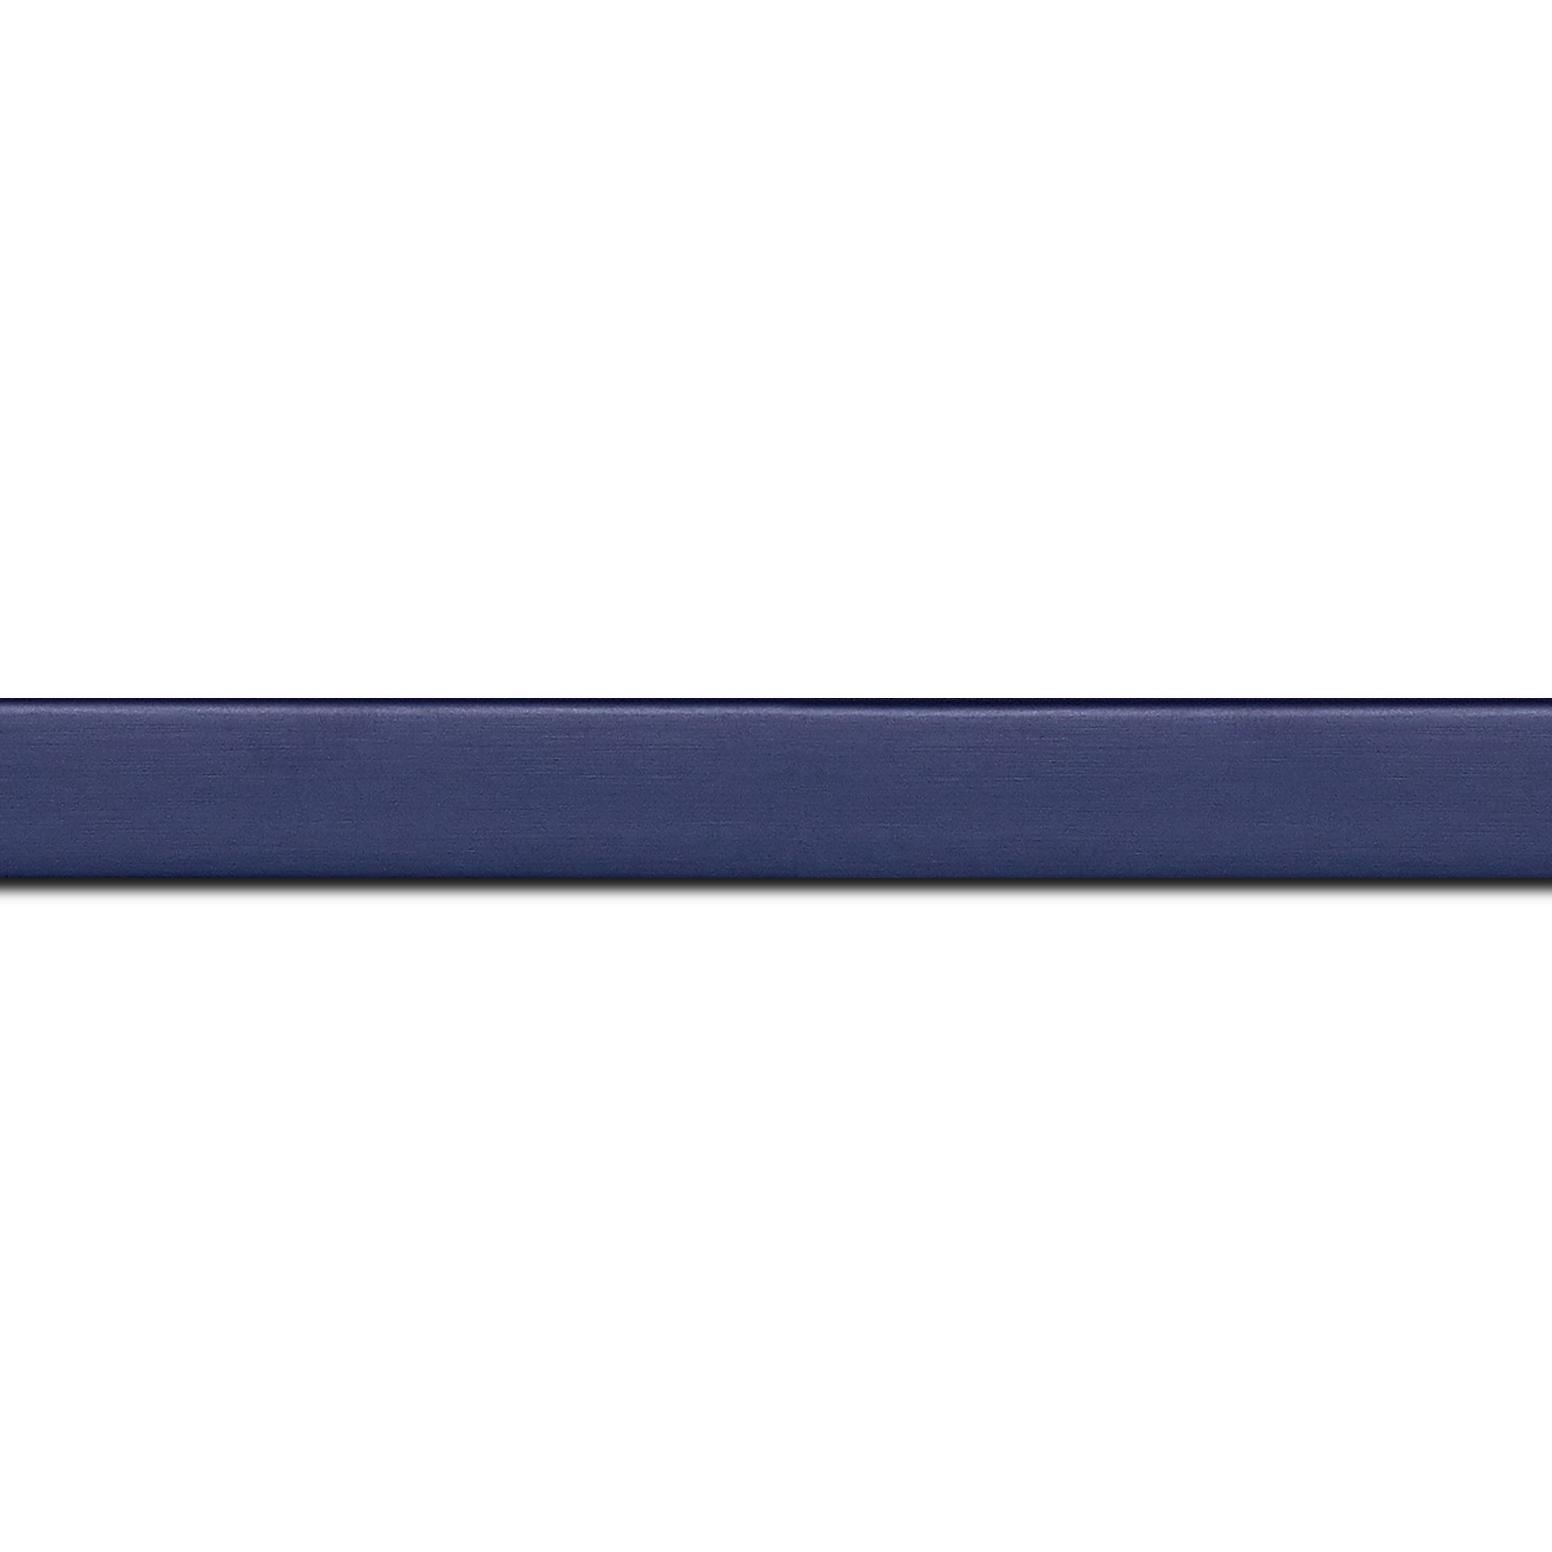 Pack par 12m, bois profil plat effet cube largeur 1.7cm couleur bleu nuit satiné (longueur baguette pouvant varier entre 2.40m et 3m selon arrivage des bois)